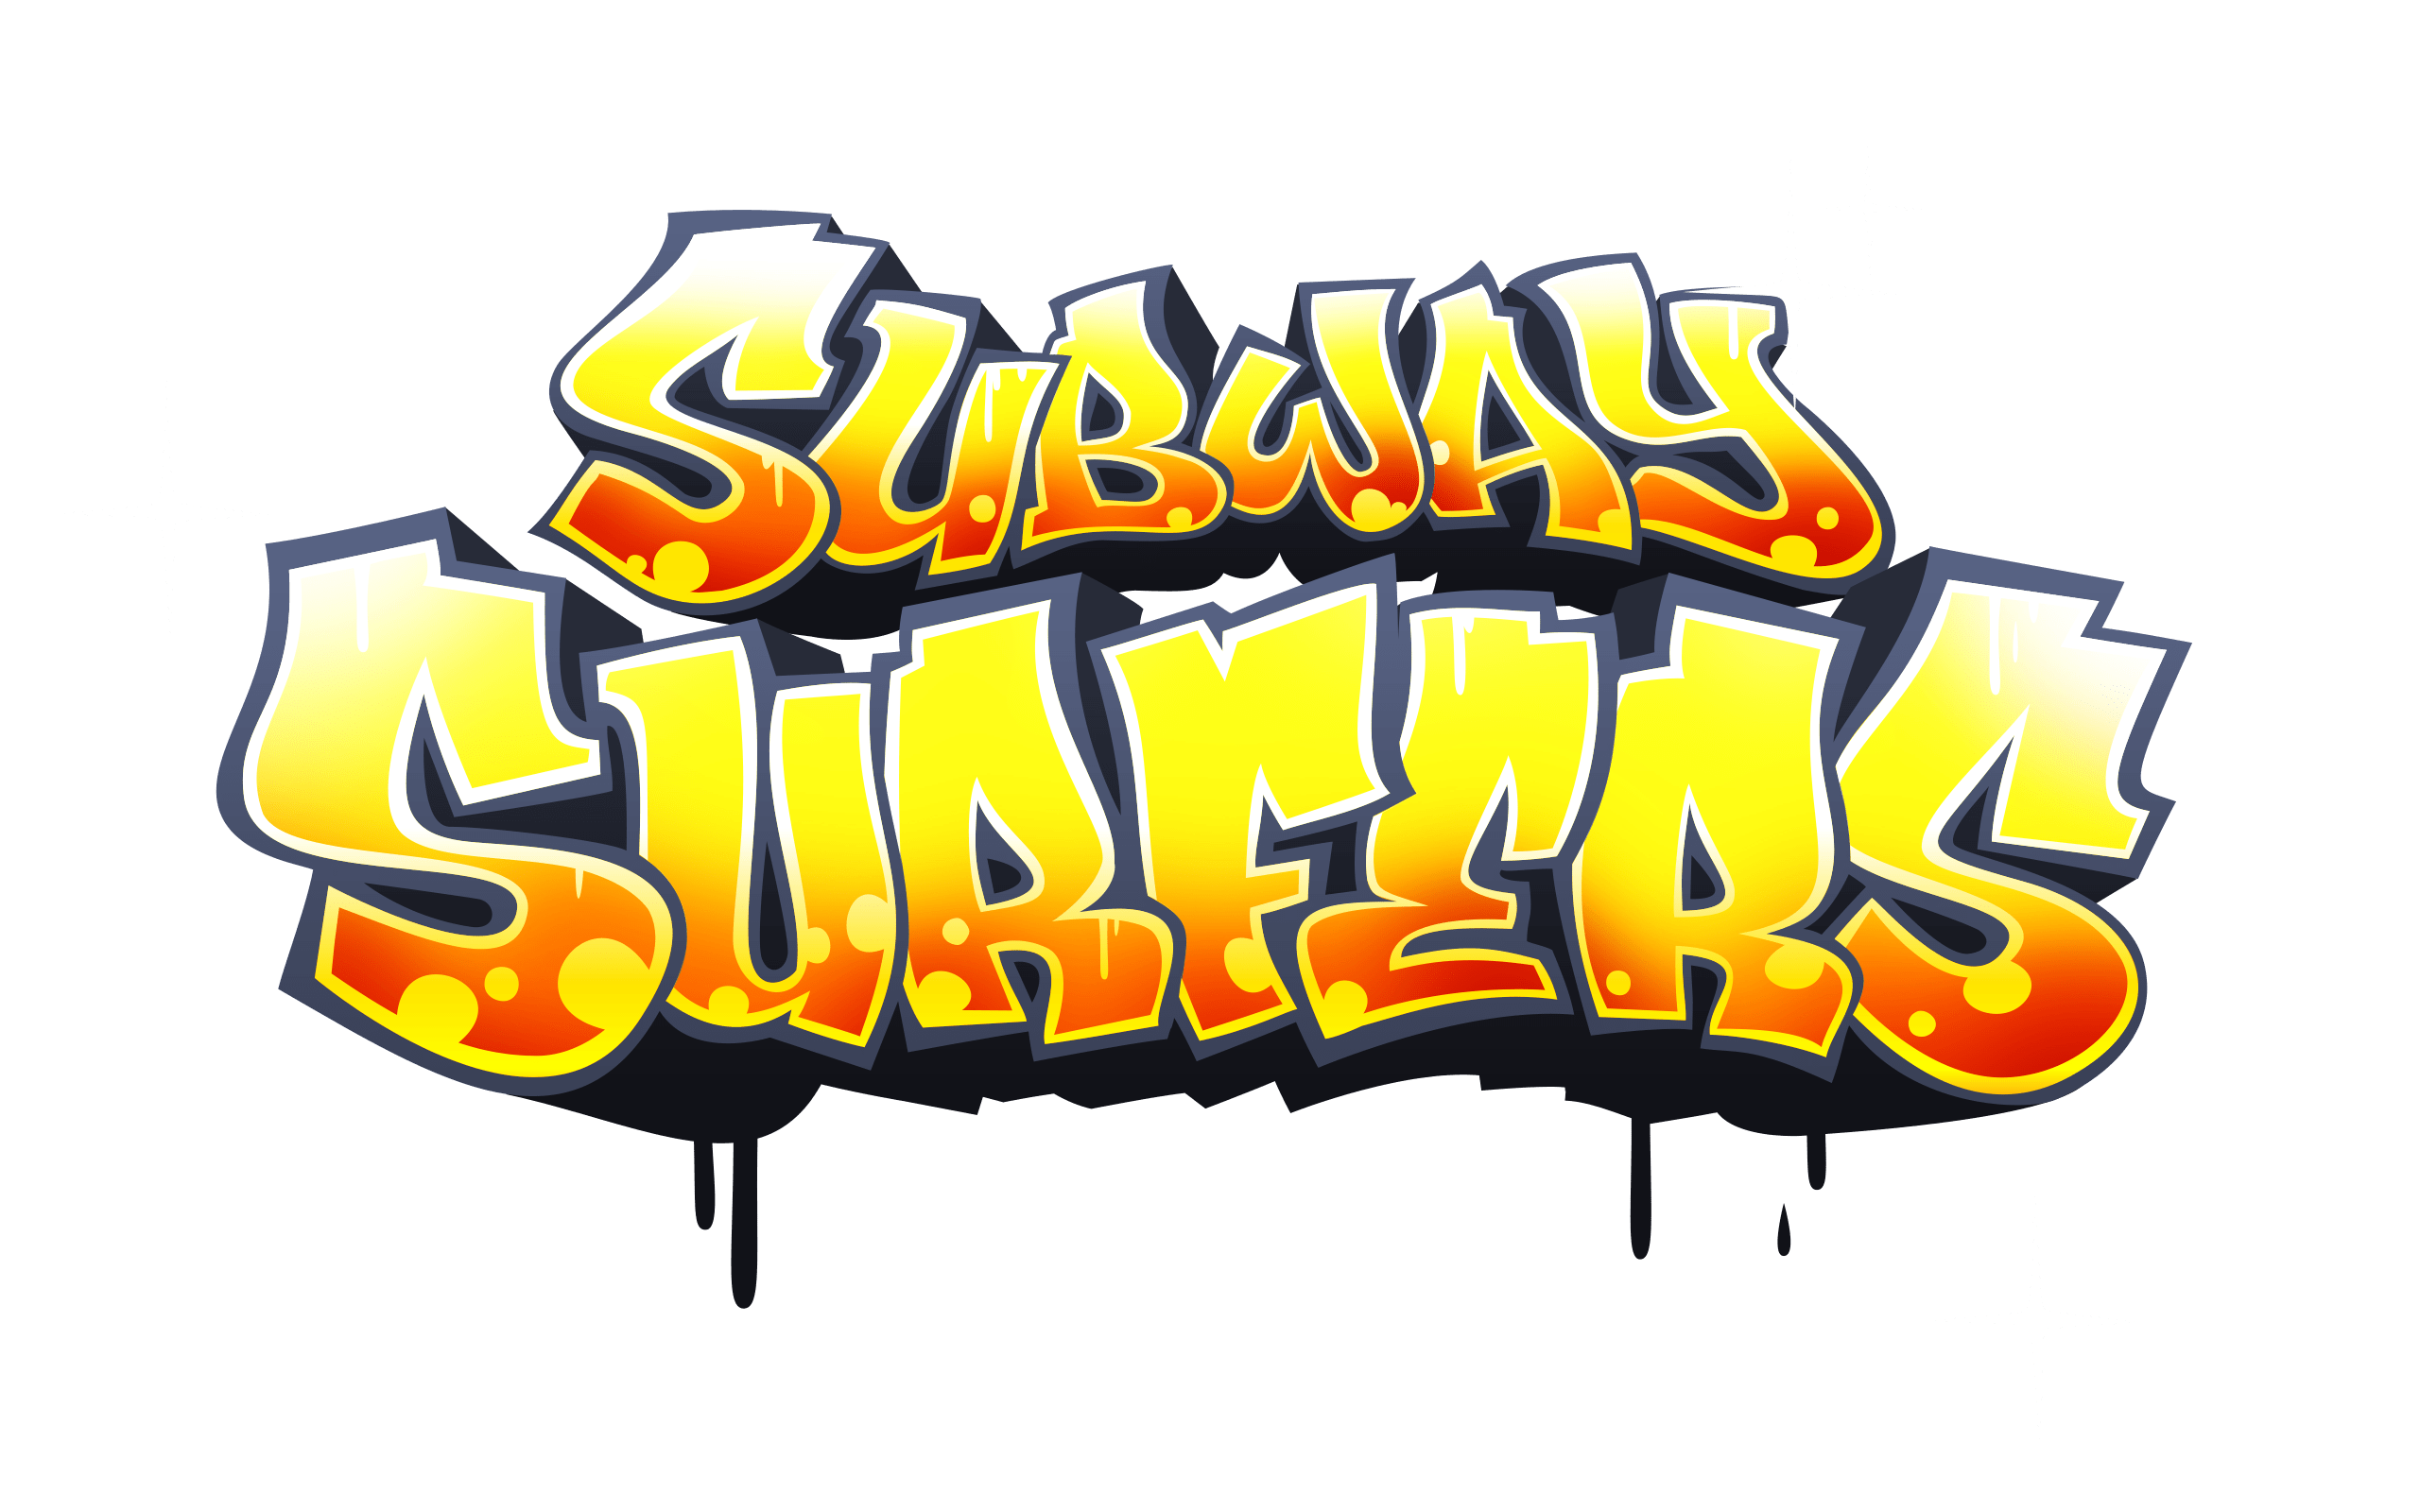 Subway Surfer HD PNG - 95378